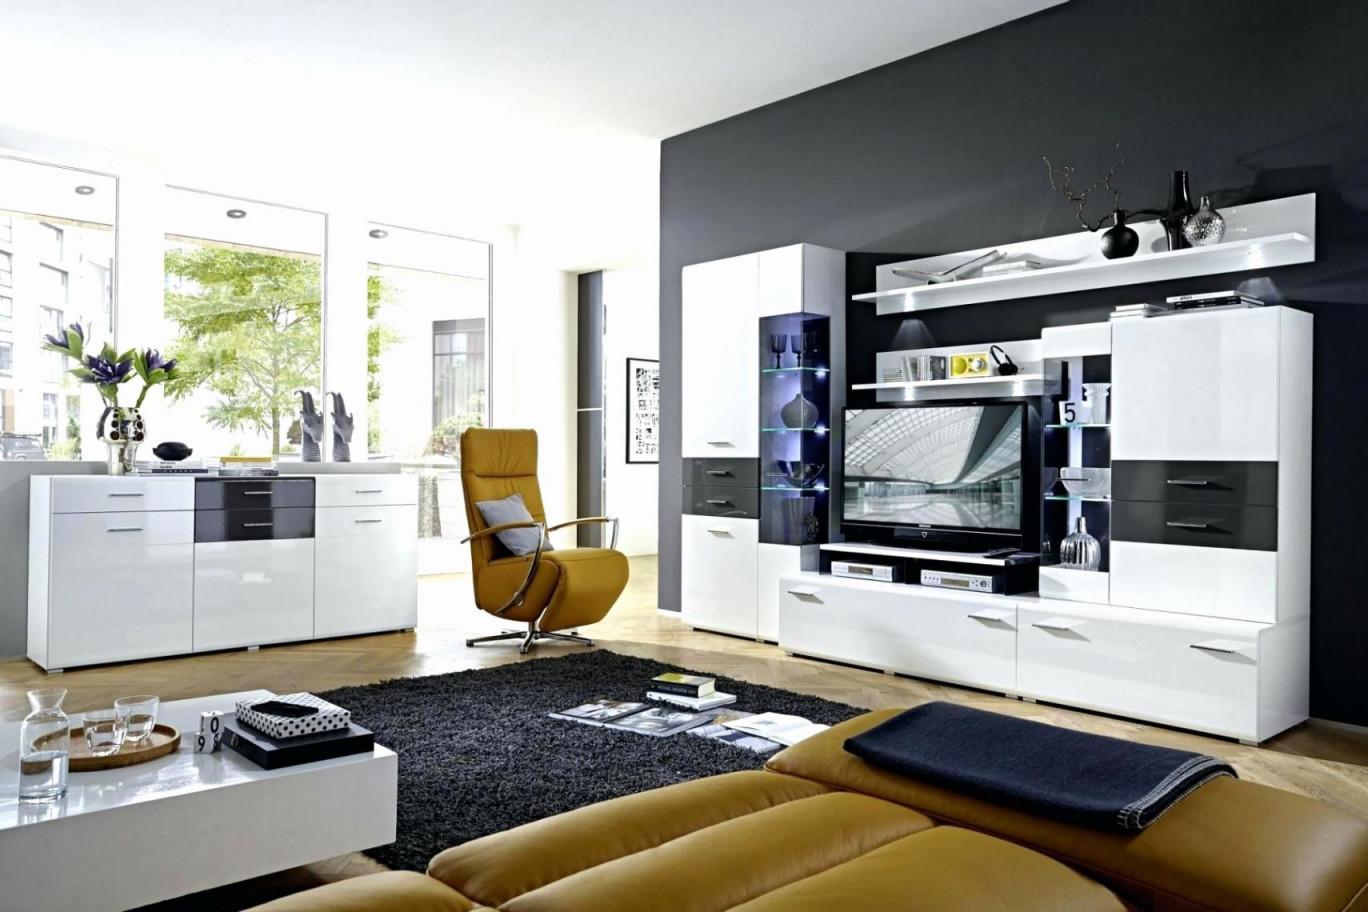 Längliches Wohnzimmer Einrichten Längliches Wohnzimmer von Längliches Wohnzimmer Einrichten Photo